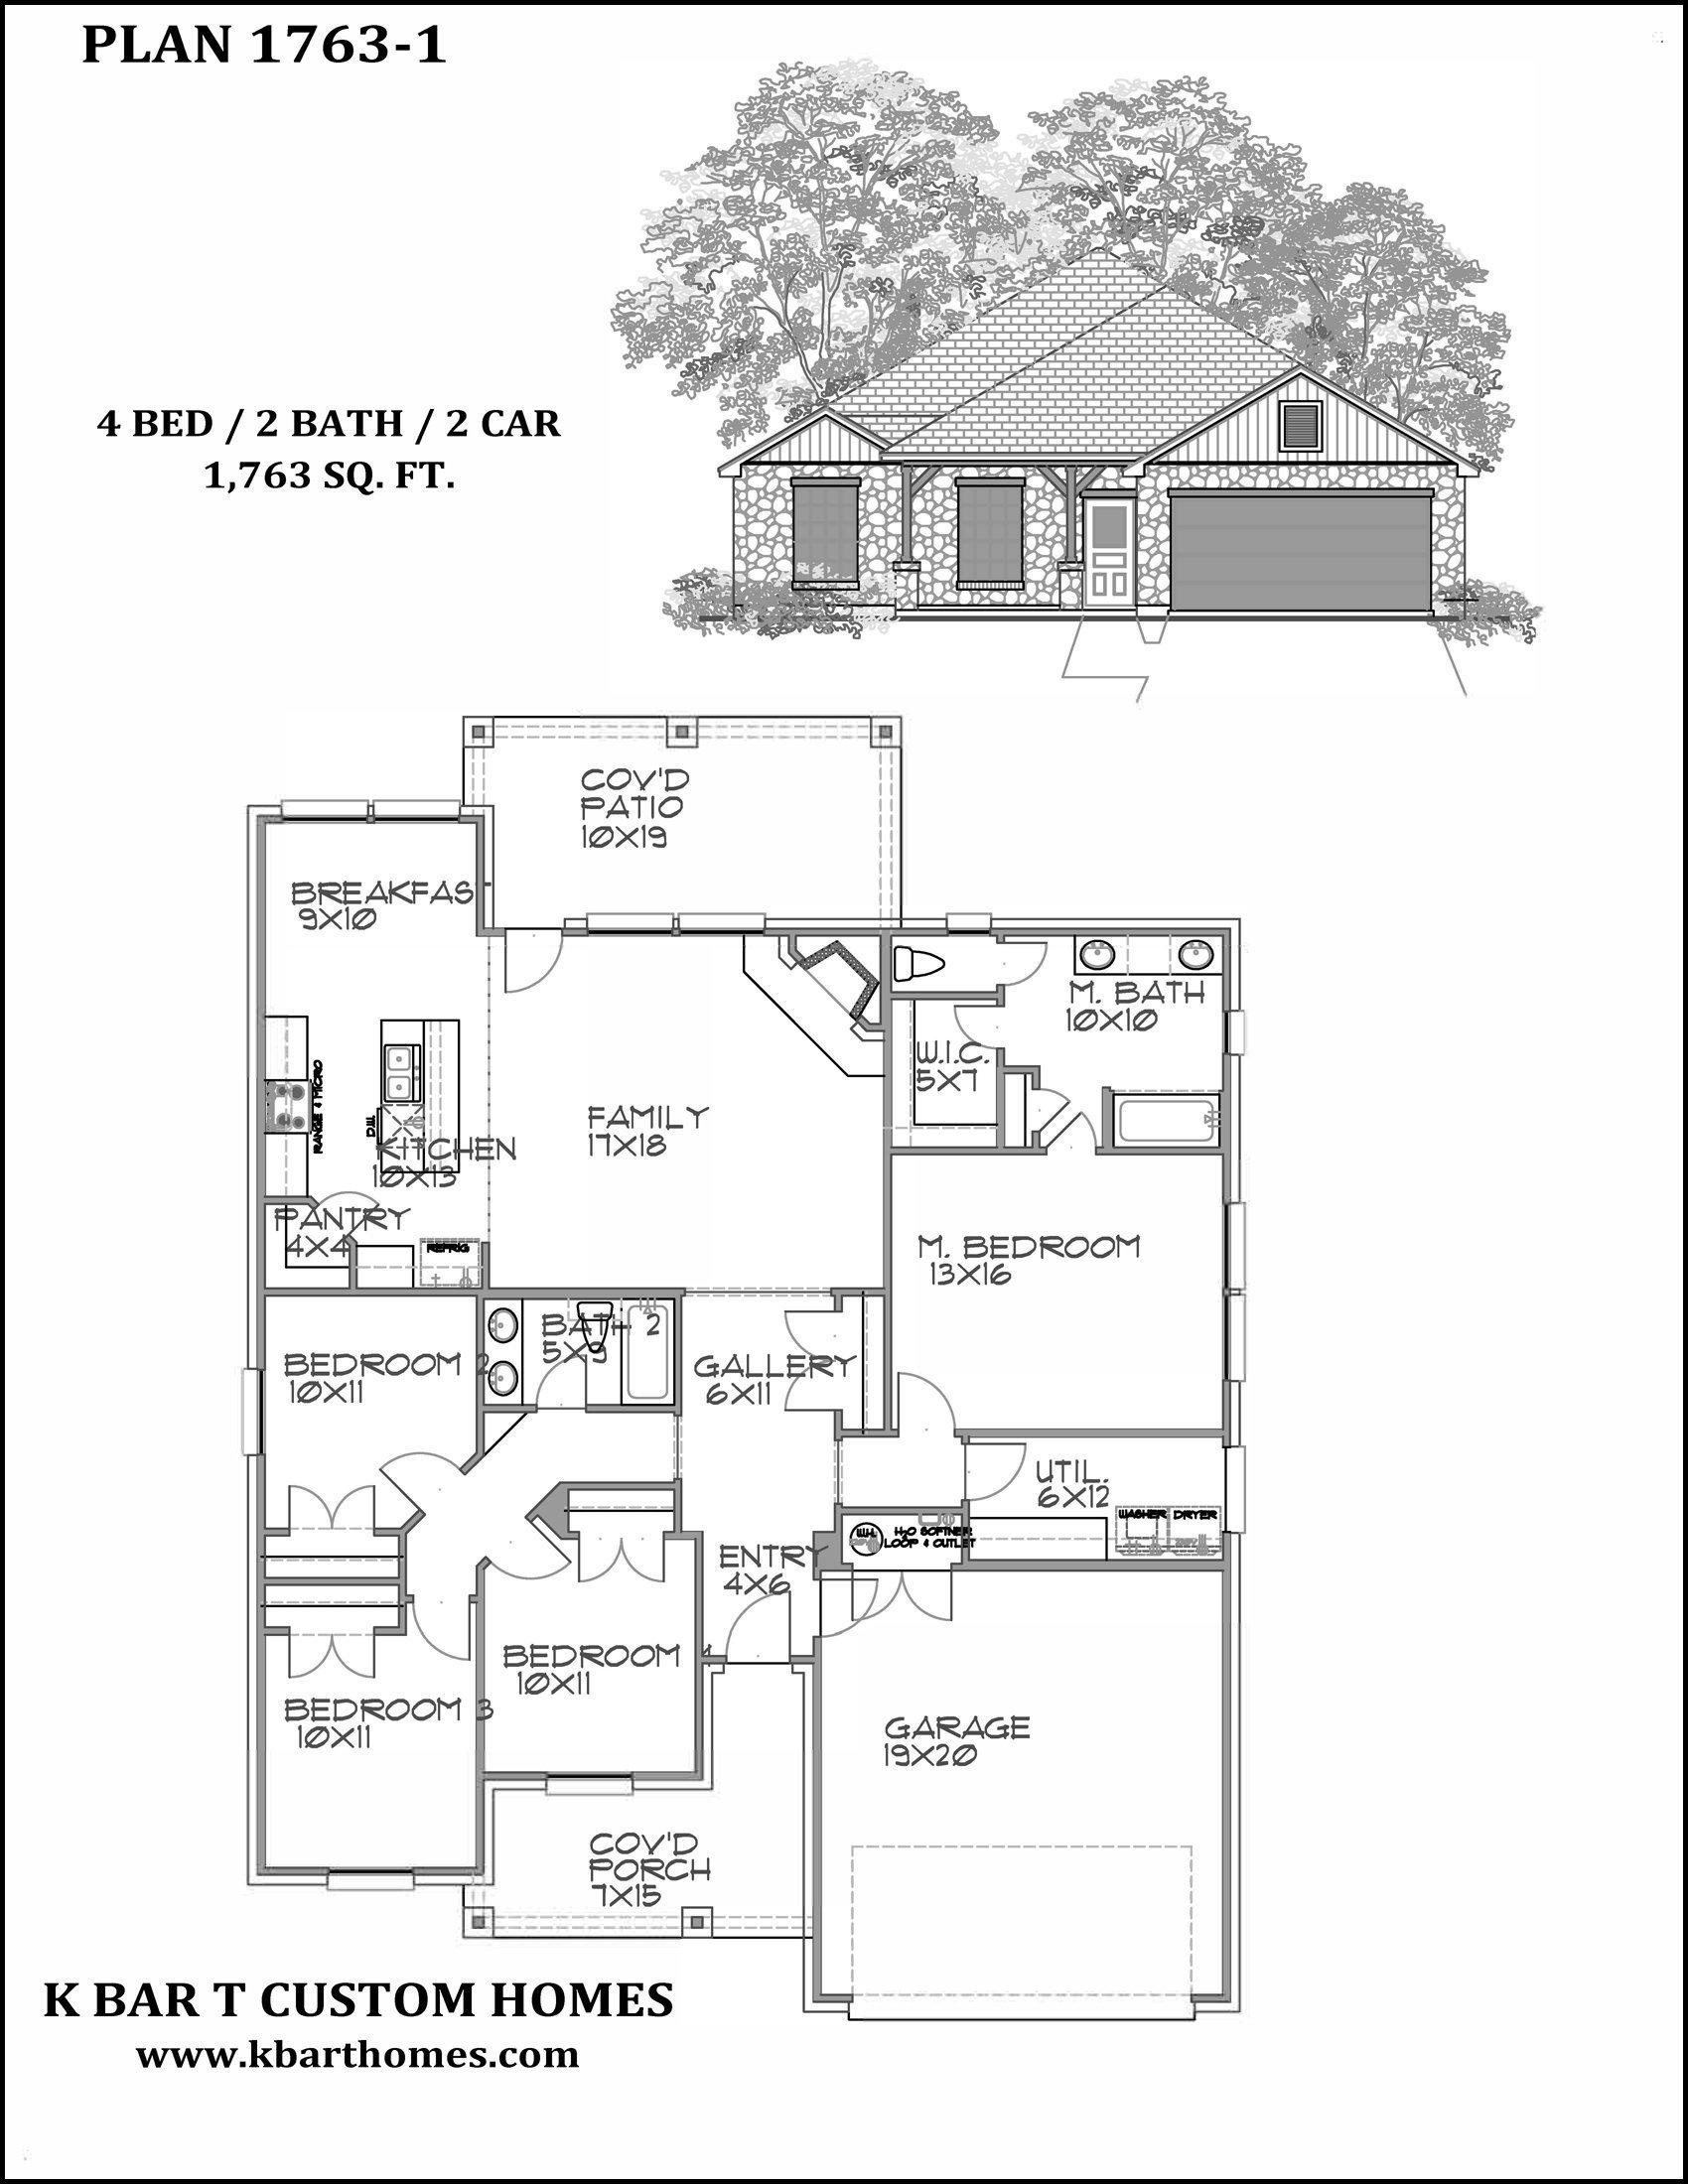 Custom Homes | K Bar T Custom Homes | Bell County